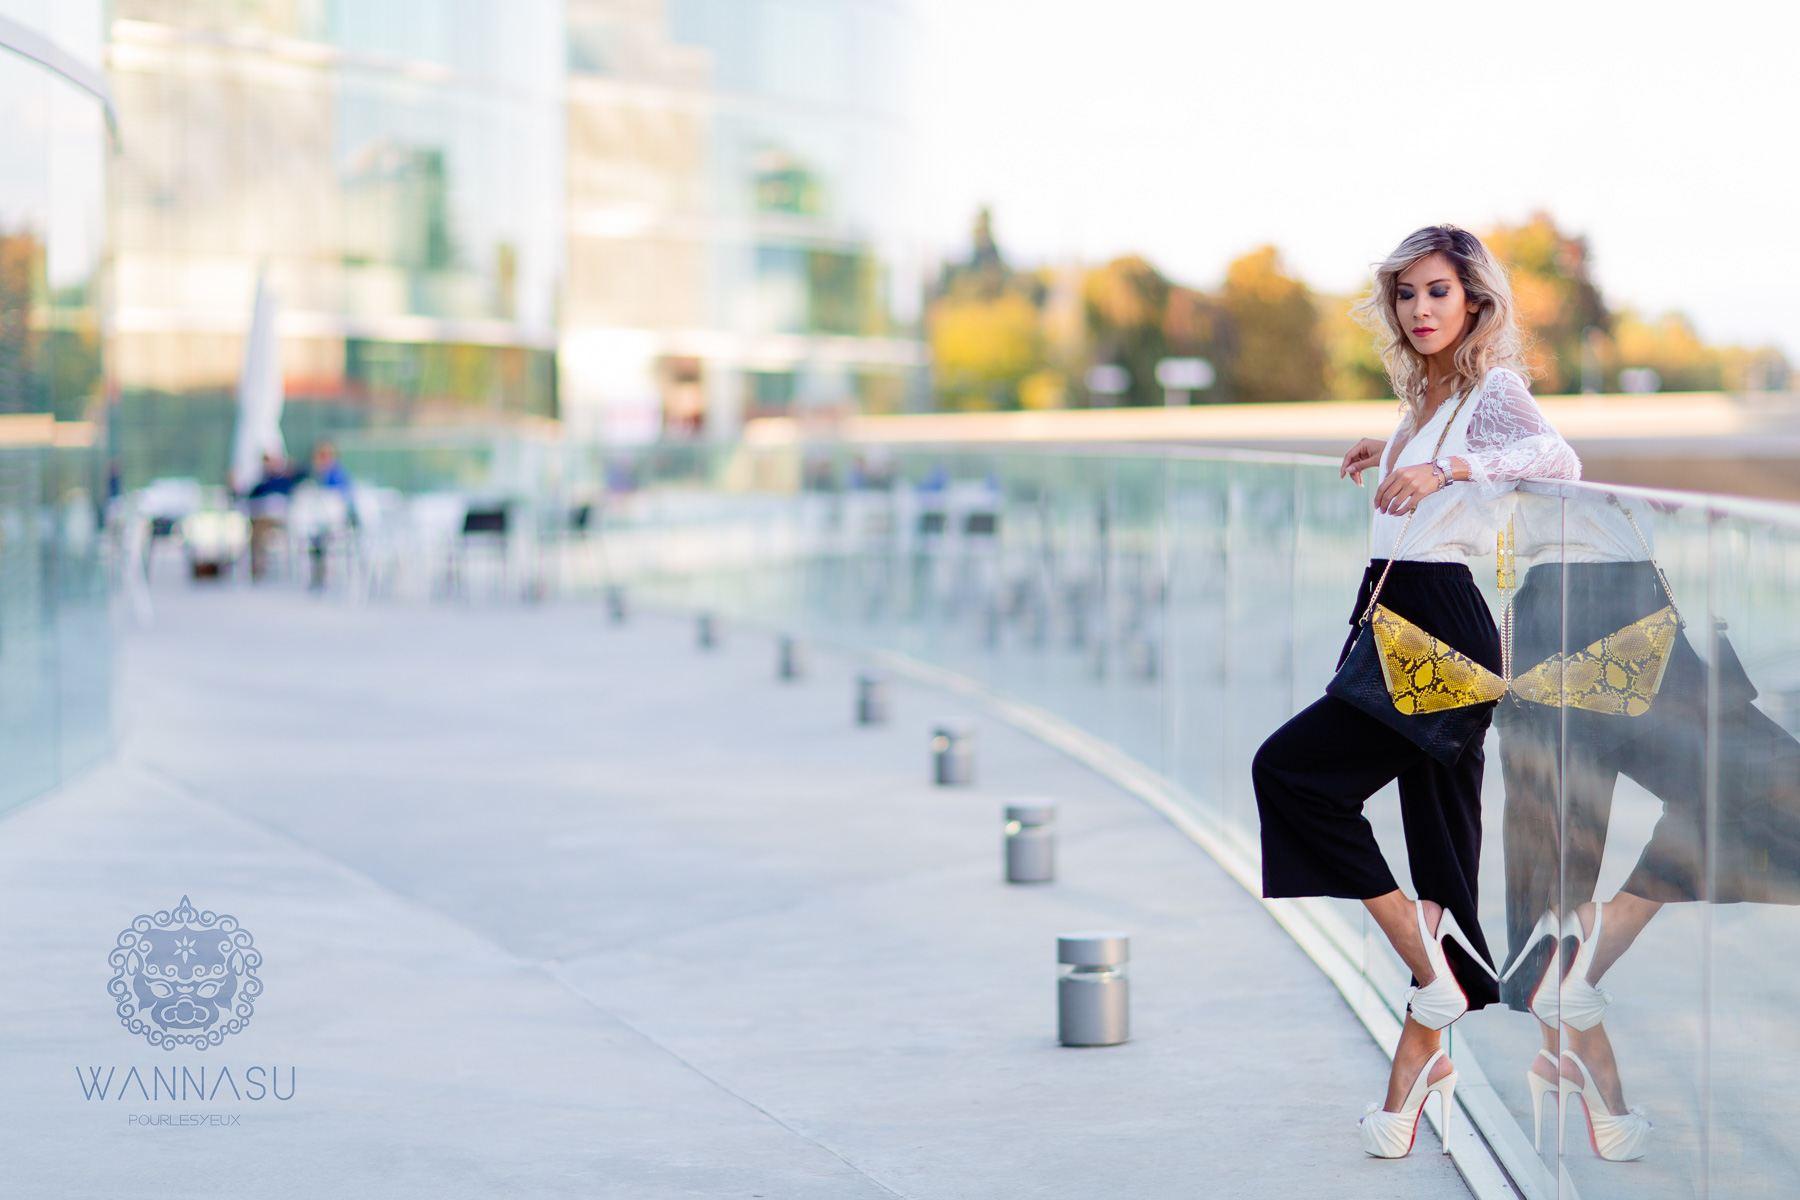 modèle suisse mannequin genève mode publicité sac wannasu thailande